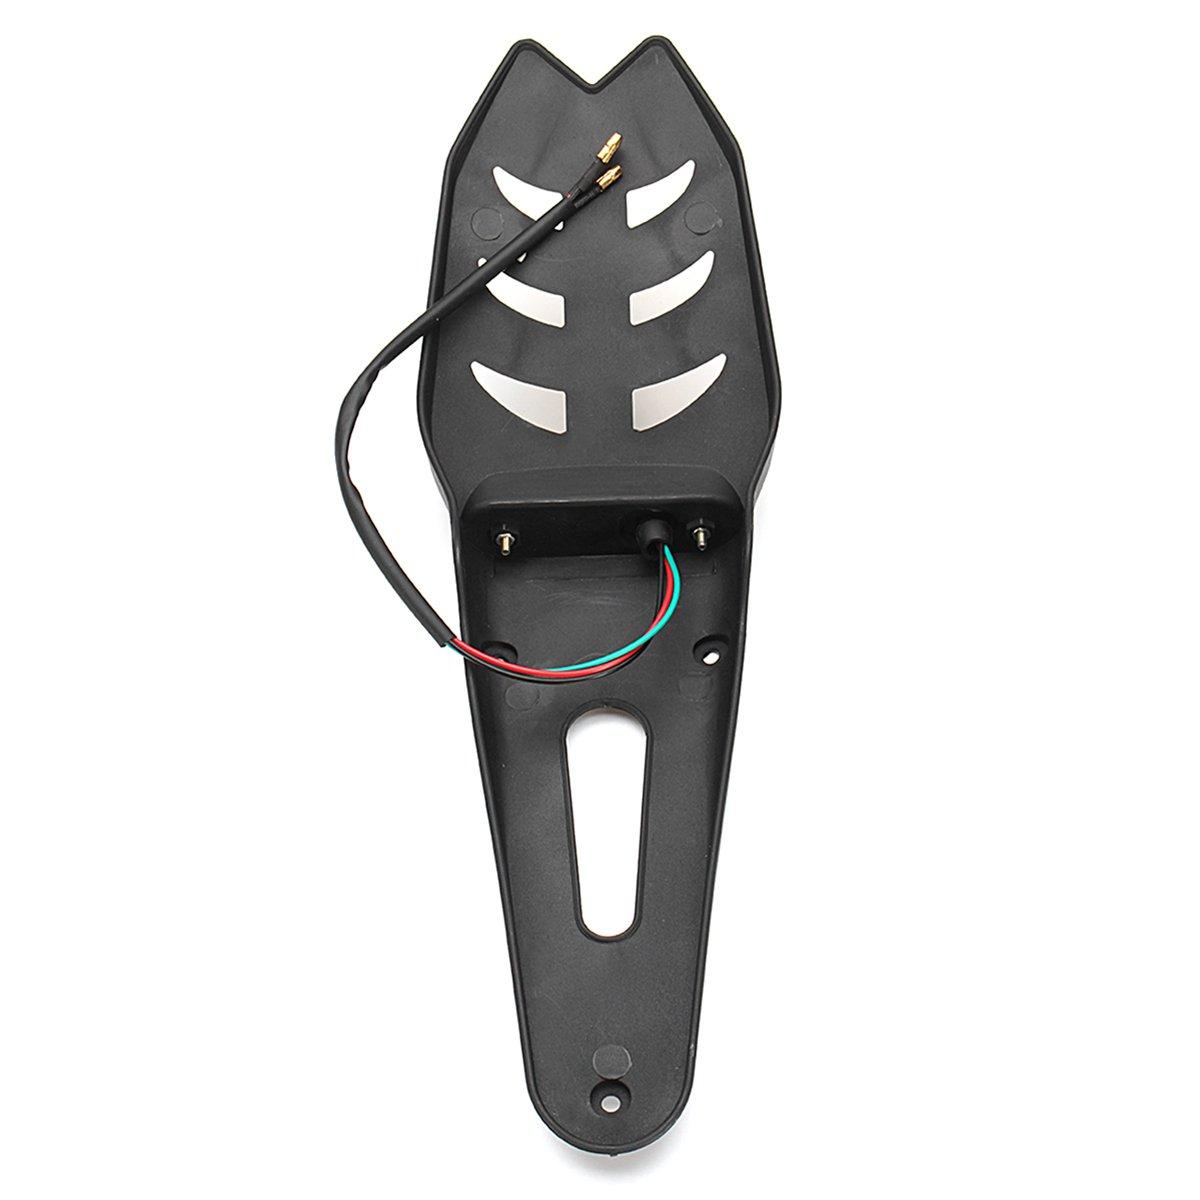 QUORA 12V Motorcycle Enduro LED Rear-Fender Brake Tail Running Light Turn Signal Universal